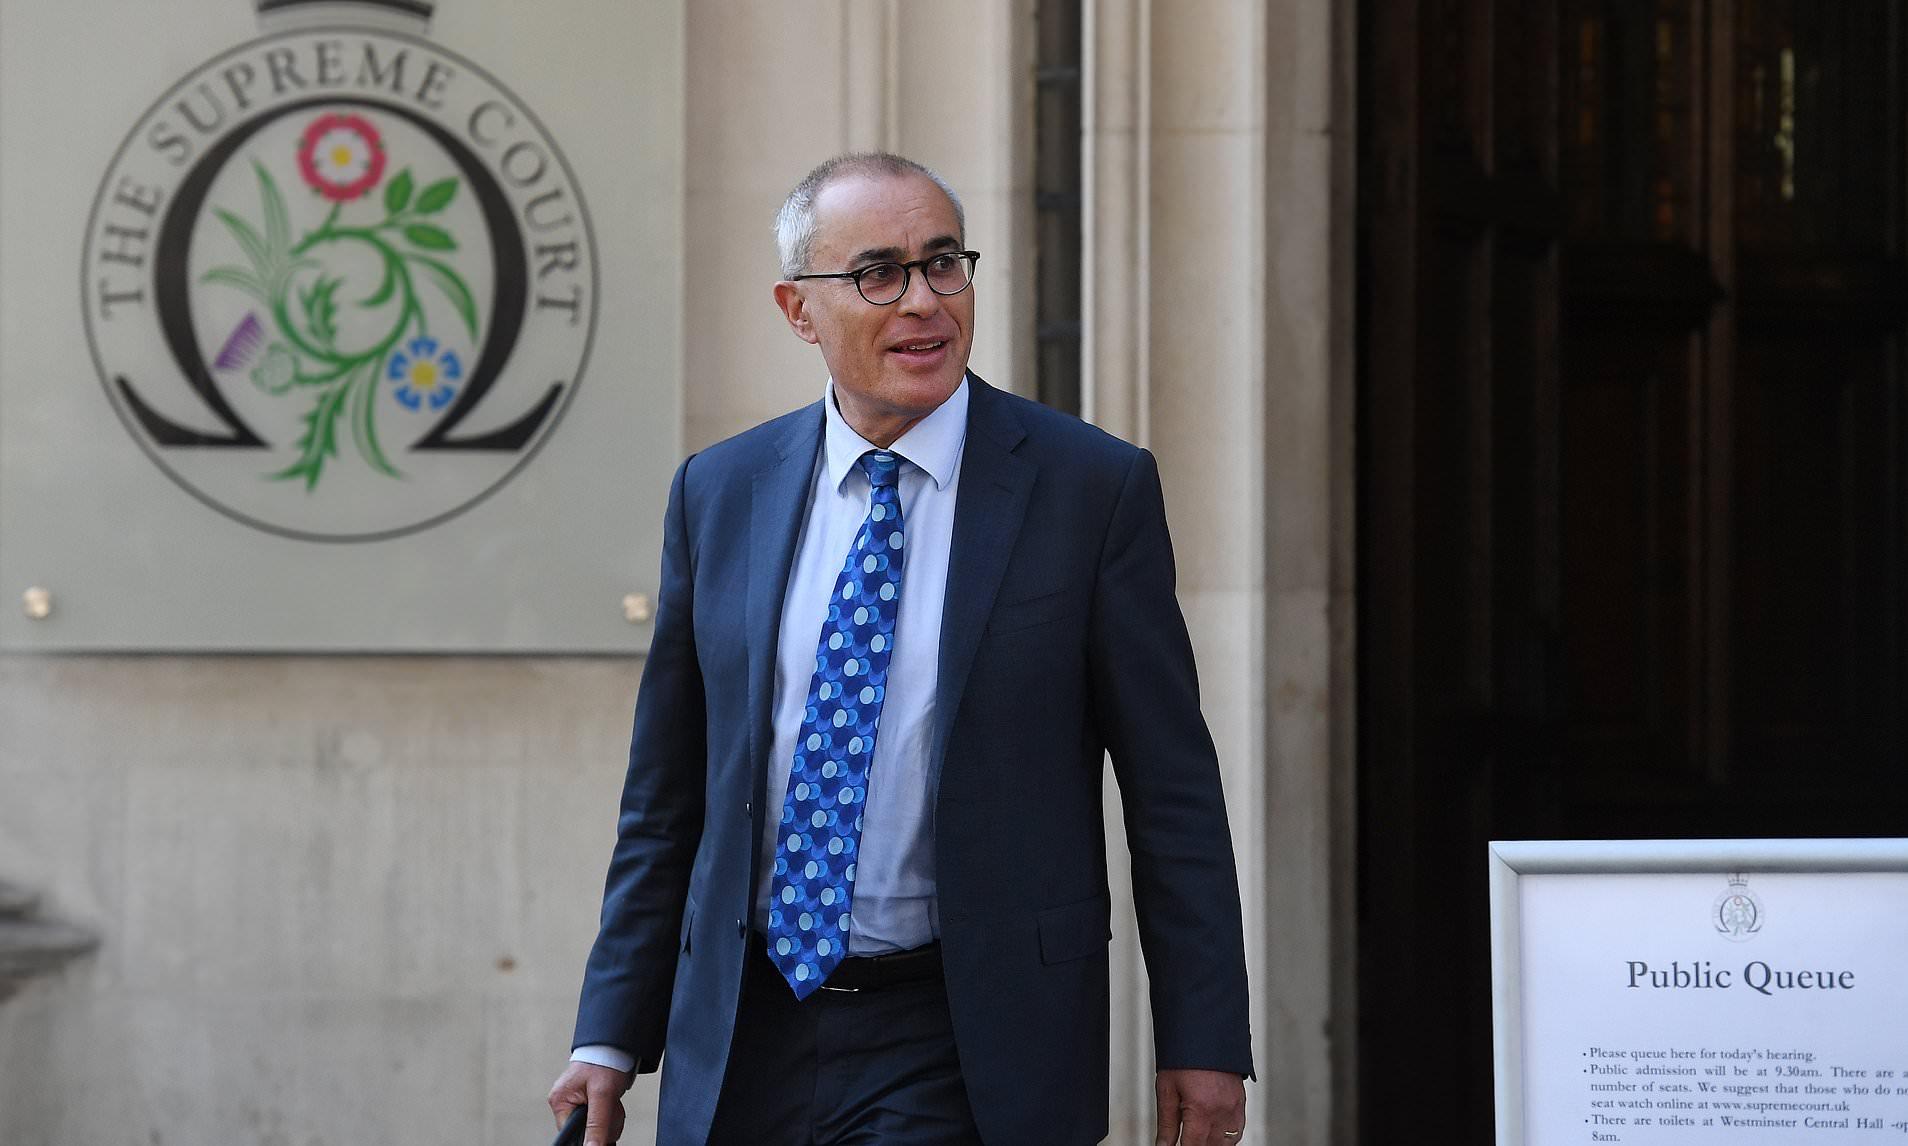 Մանչեսթեր Սիթին վարձել է փասատաբանի, ով երկու անգամ արգելափակել է բրեքսիթը